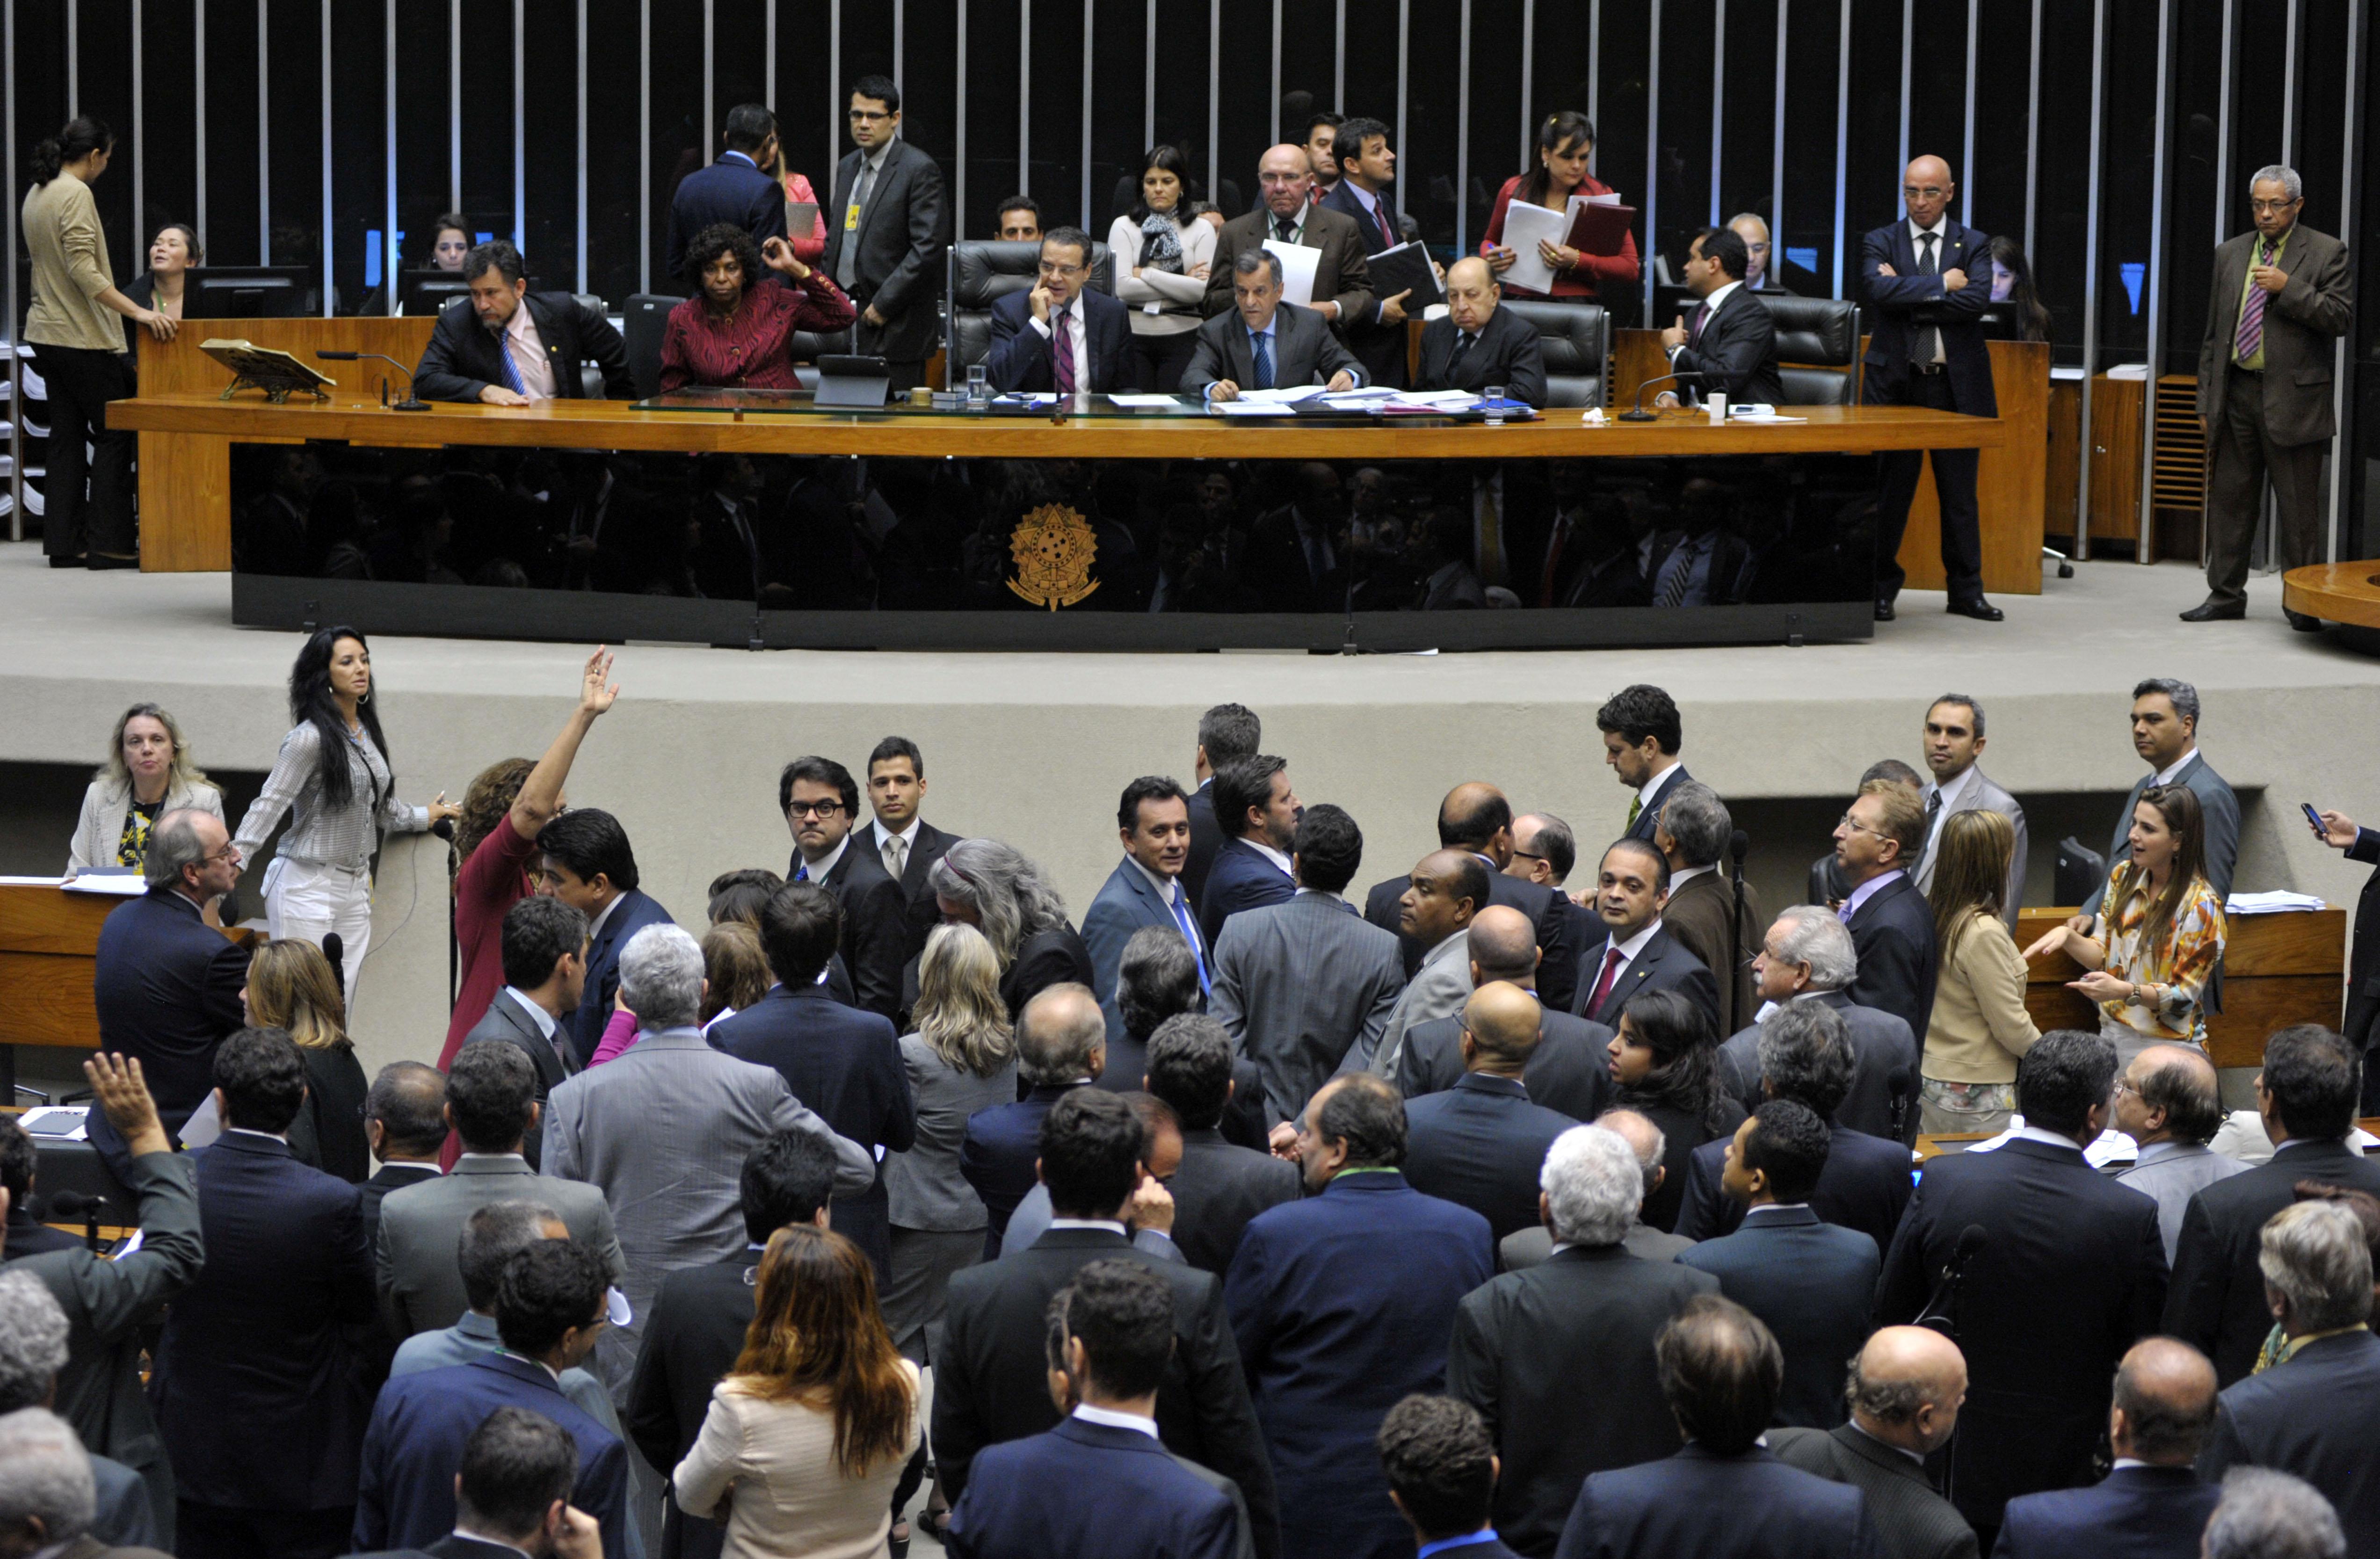 Câmara aprova Estatuto da Juventude e texto vai à sanção